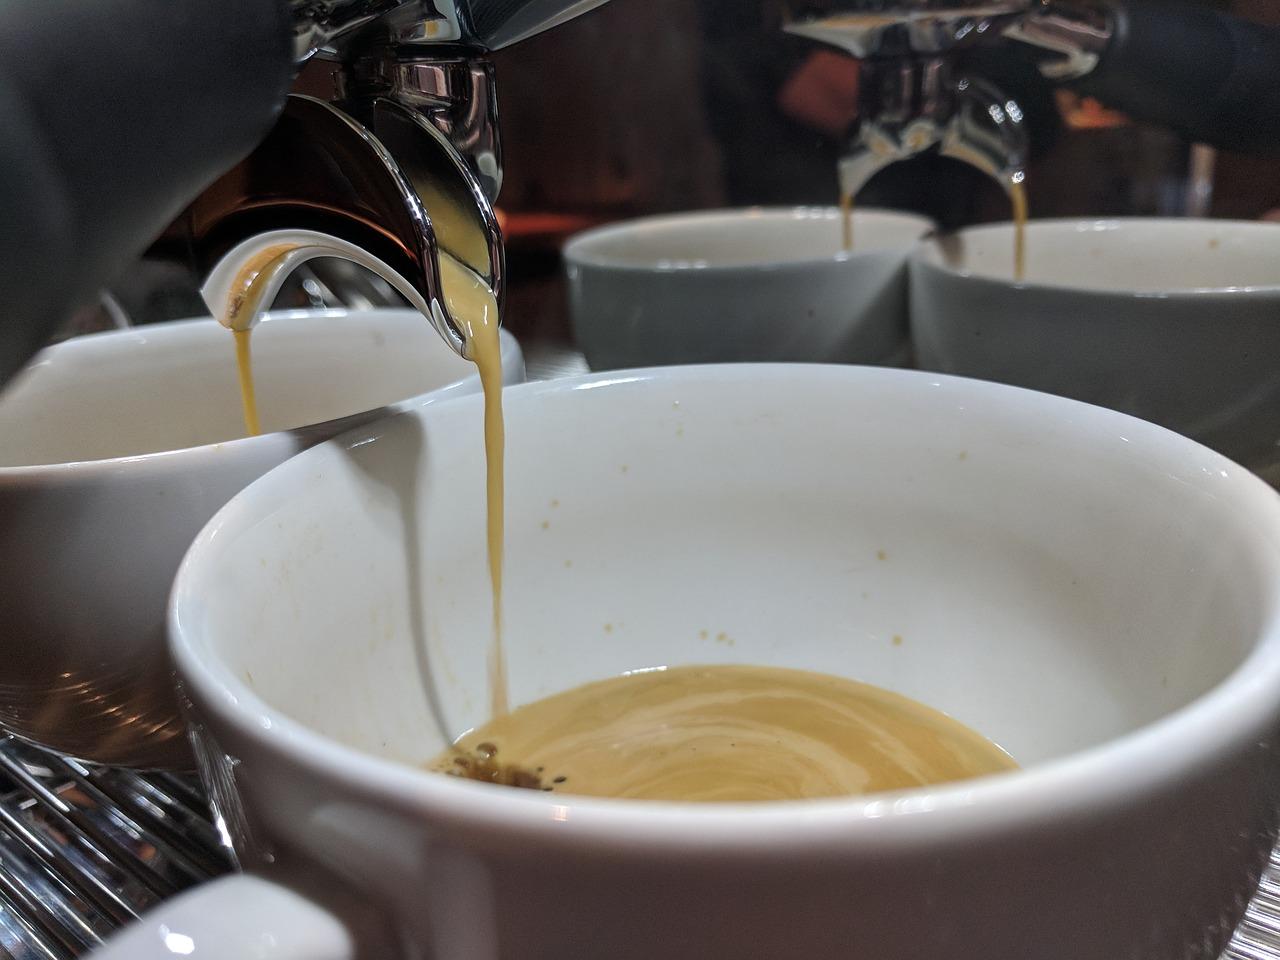 Überlege dir vor dem Kauf einer Bezzera Espressomaschine genau, welche Eigenschaften diese haben sollte. Lass Dich eventuell vorher beraten, oder lese dich etwas in das Thema ein.